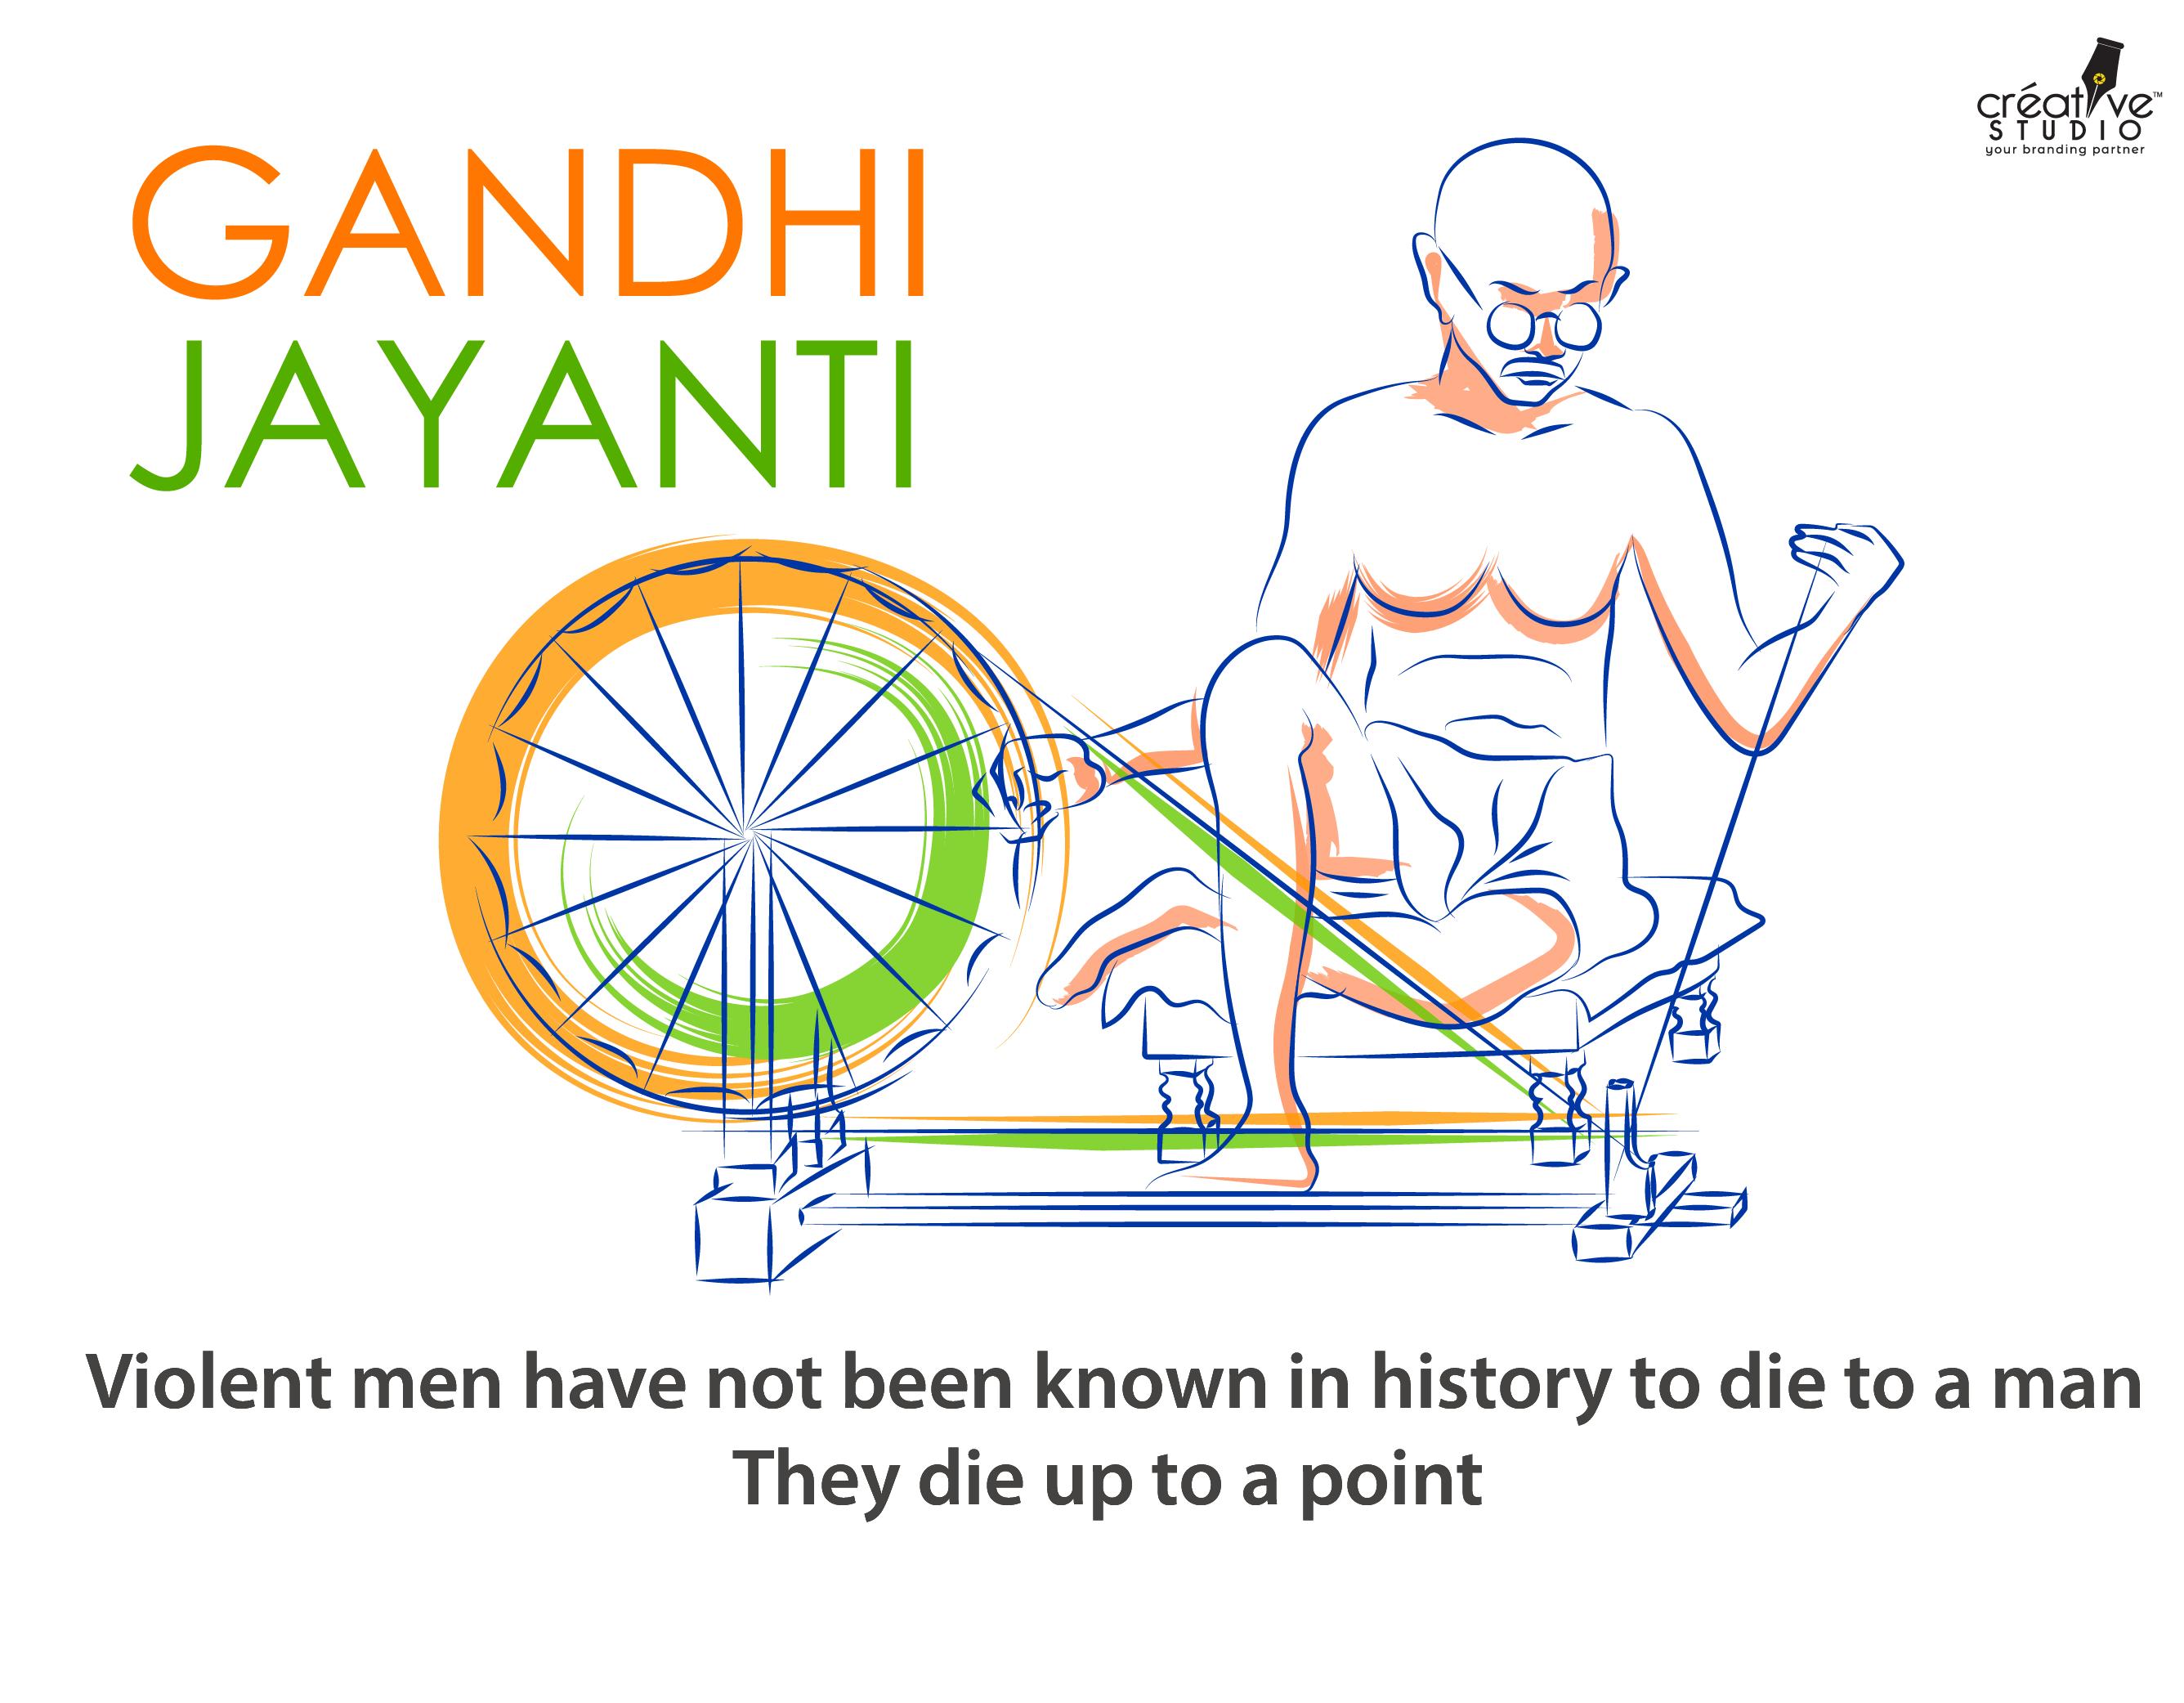 gandhi jayanti 01 - Gandhi Jayanti